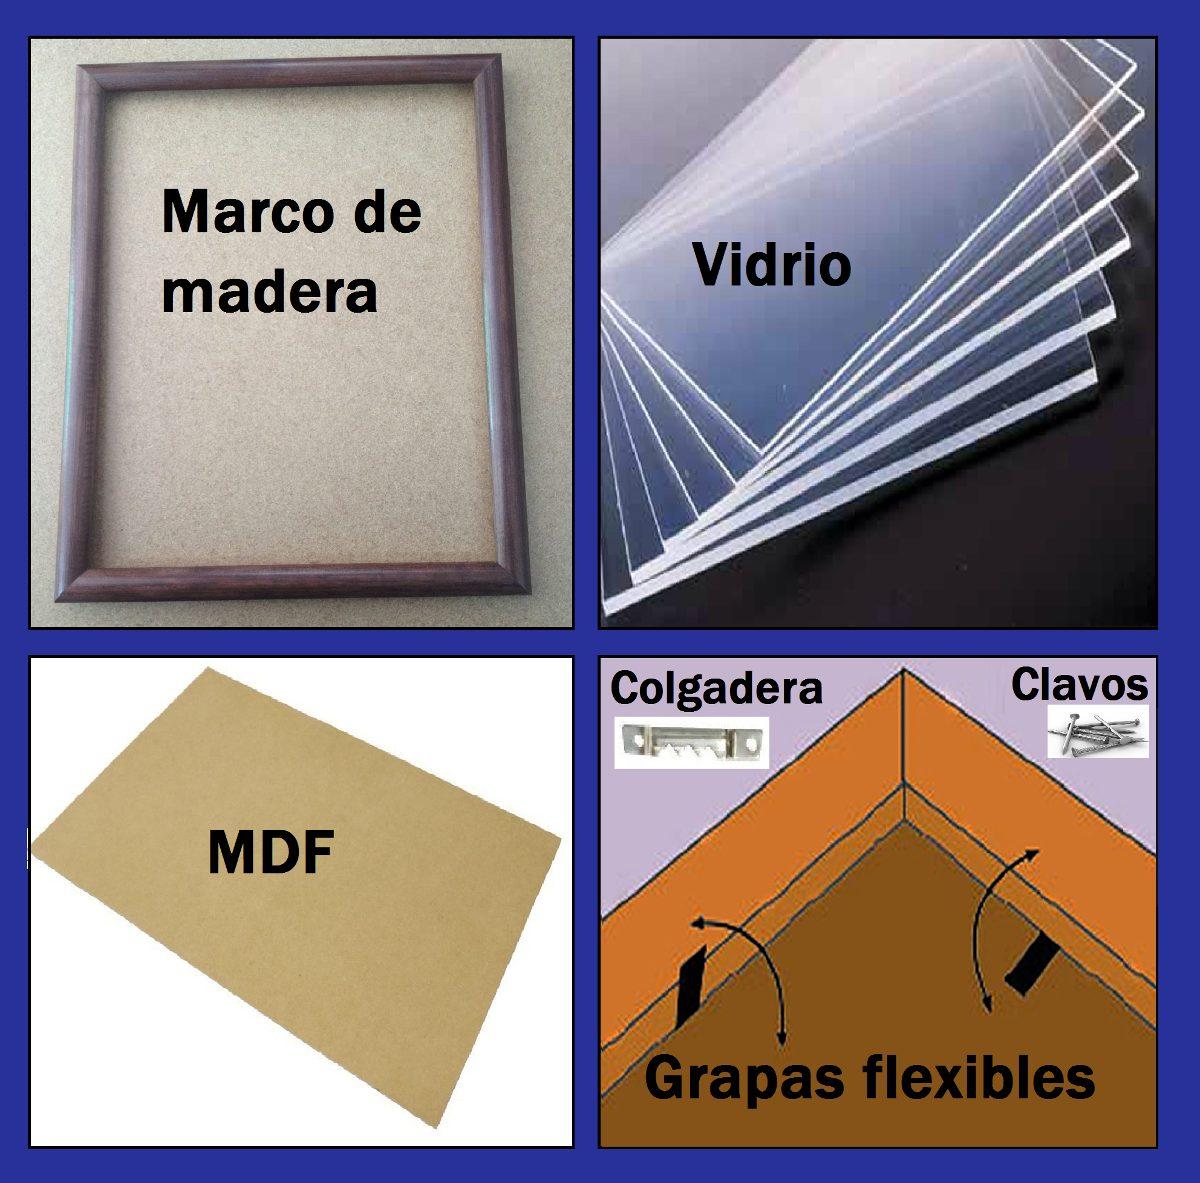 16 Marcos De Madera 10x15cm (marco,vidrio,mdf,caiman,grapas ...